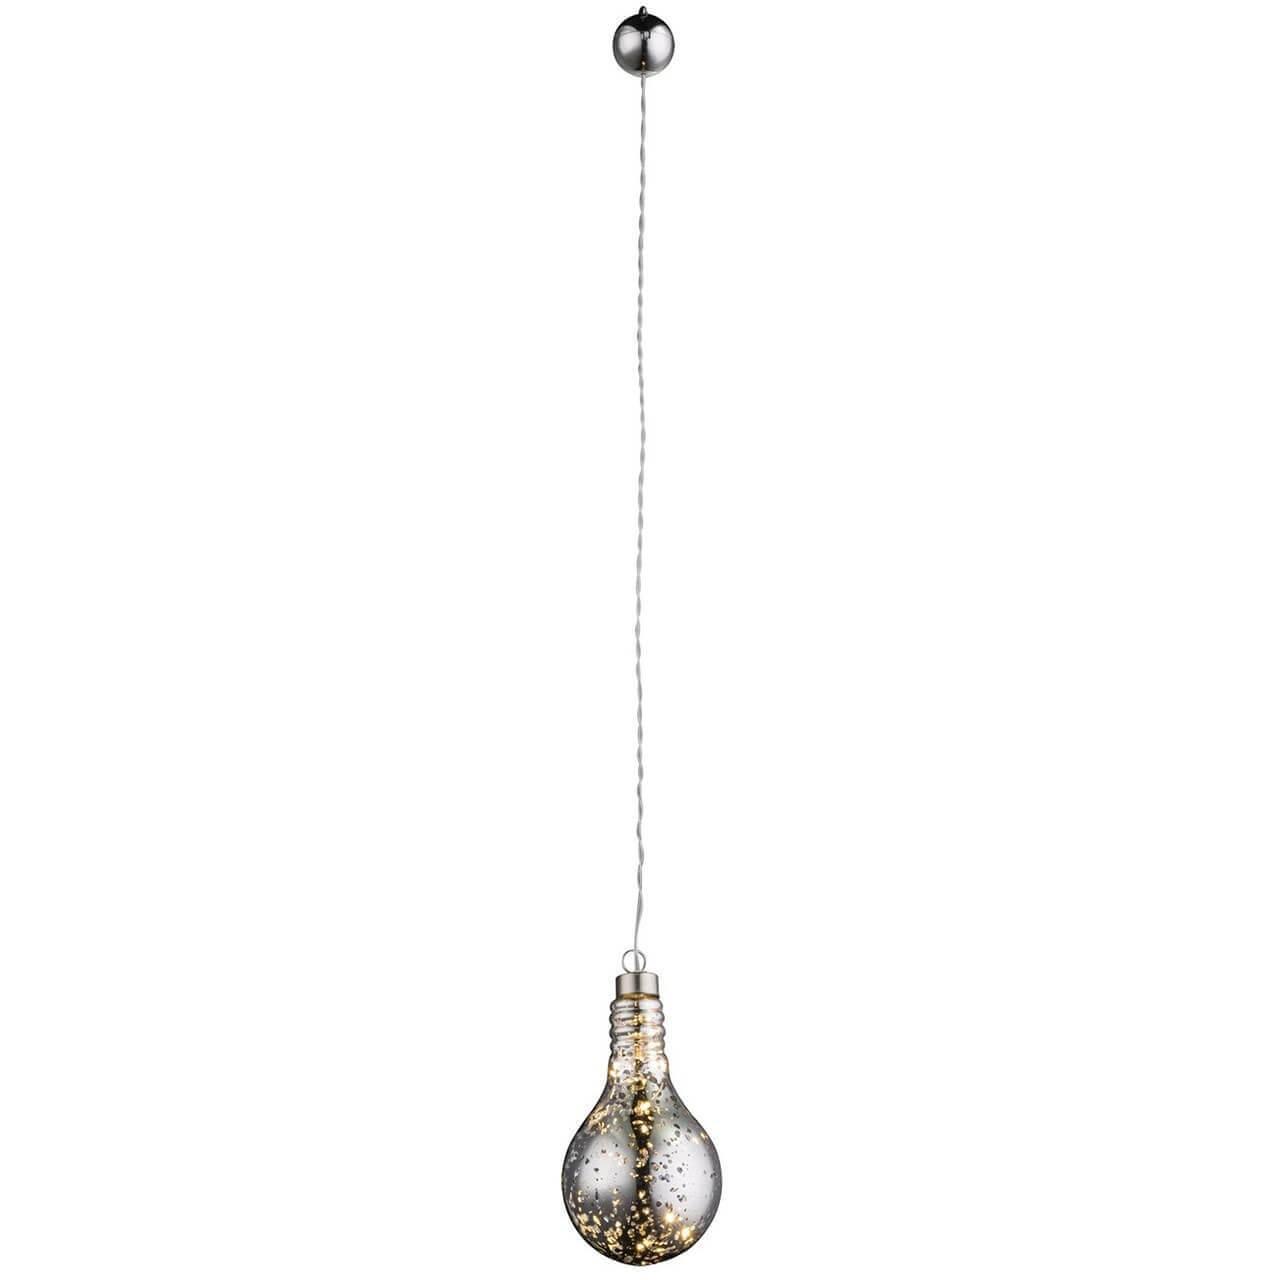 Подвесной светодиодный светильник Globo X-Mas 23238